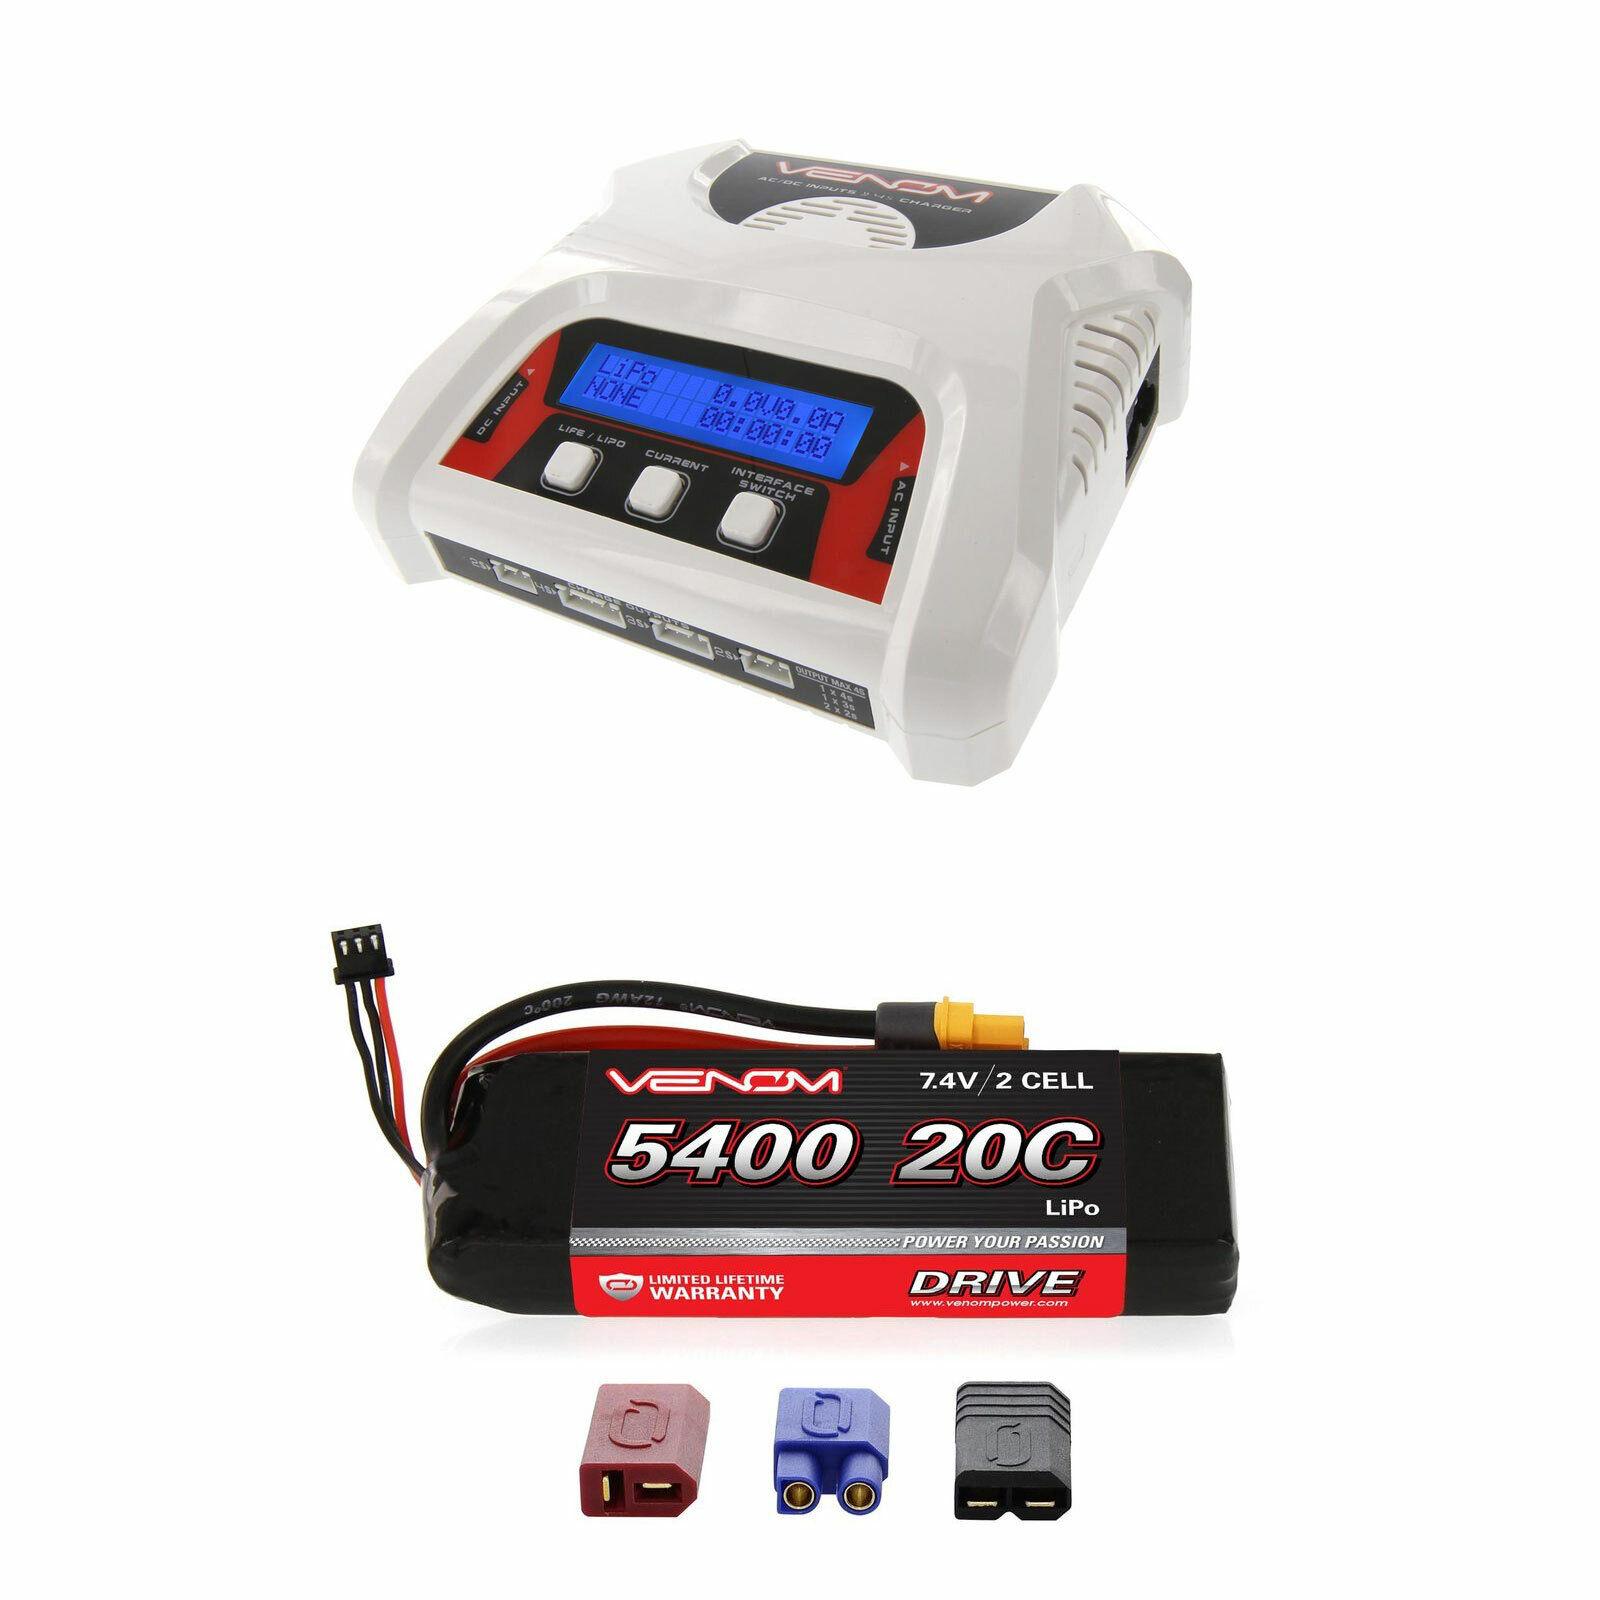 Venom 20C 2S 5400mAh 7.4V Batería LiPo y 2-4 Celular Equilibrio Cargador Combo